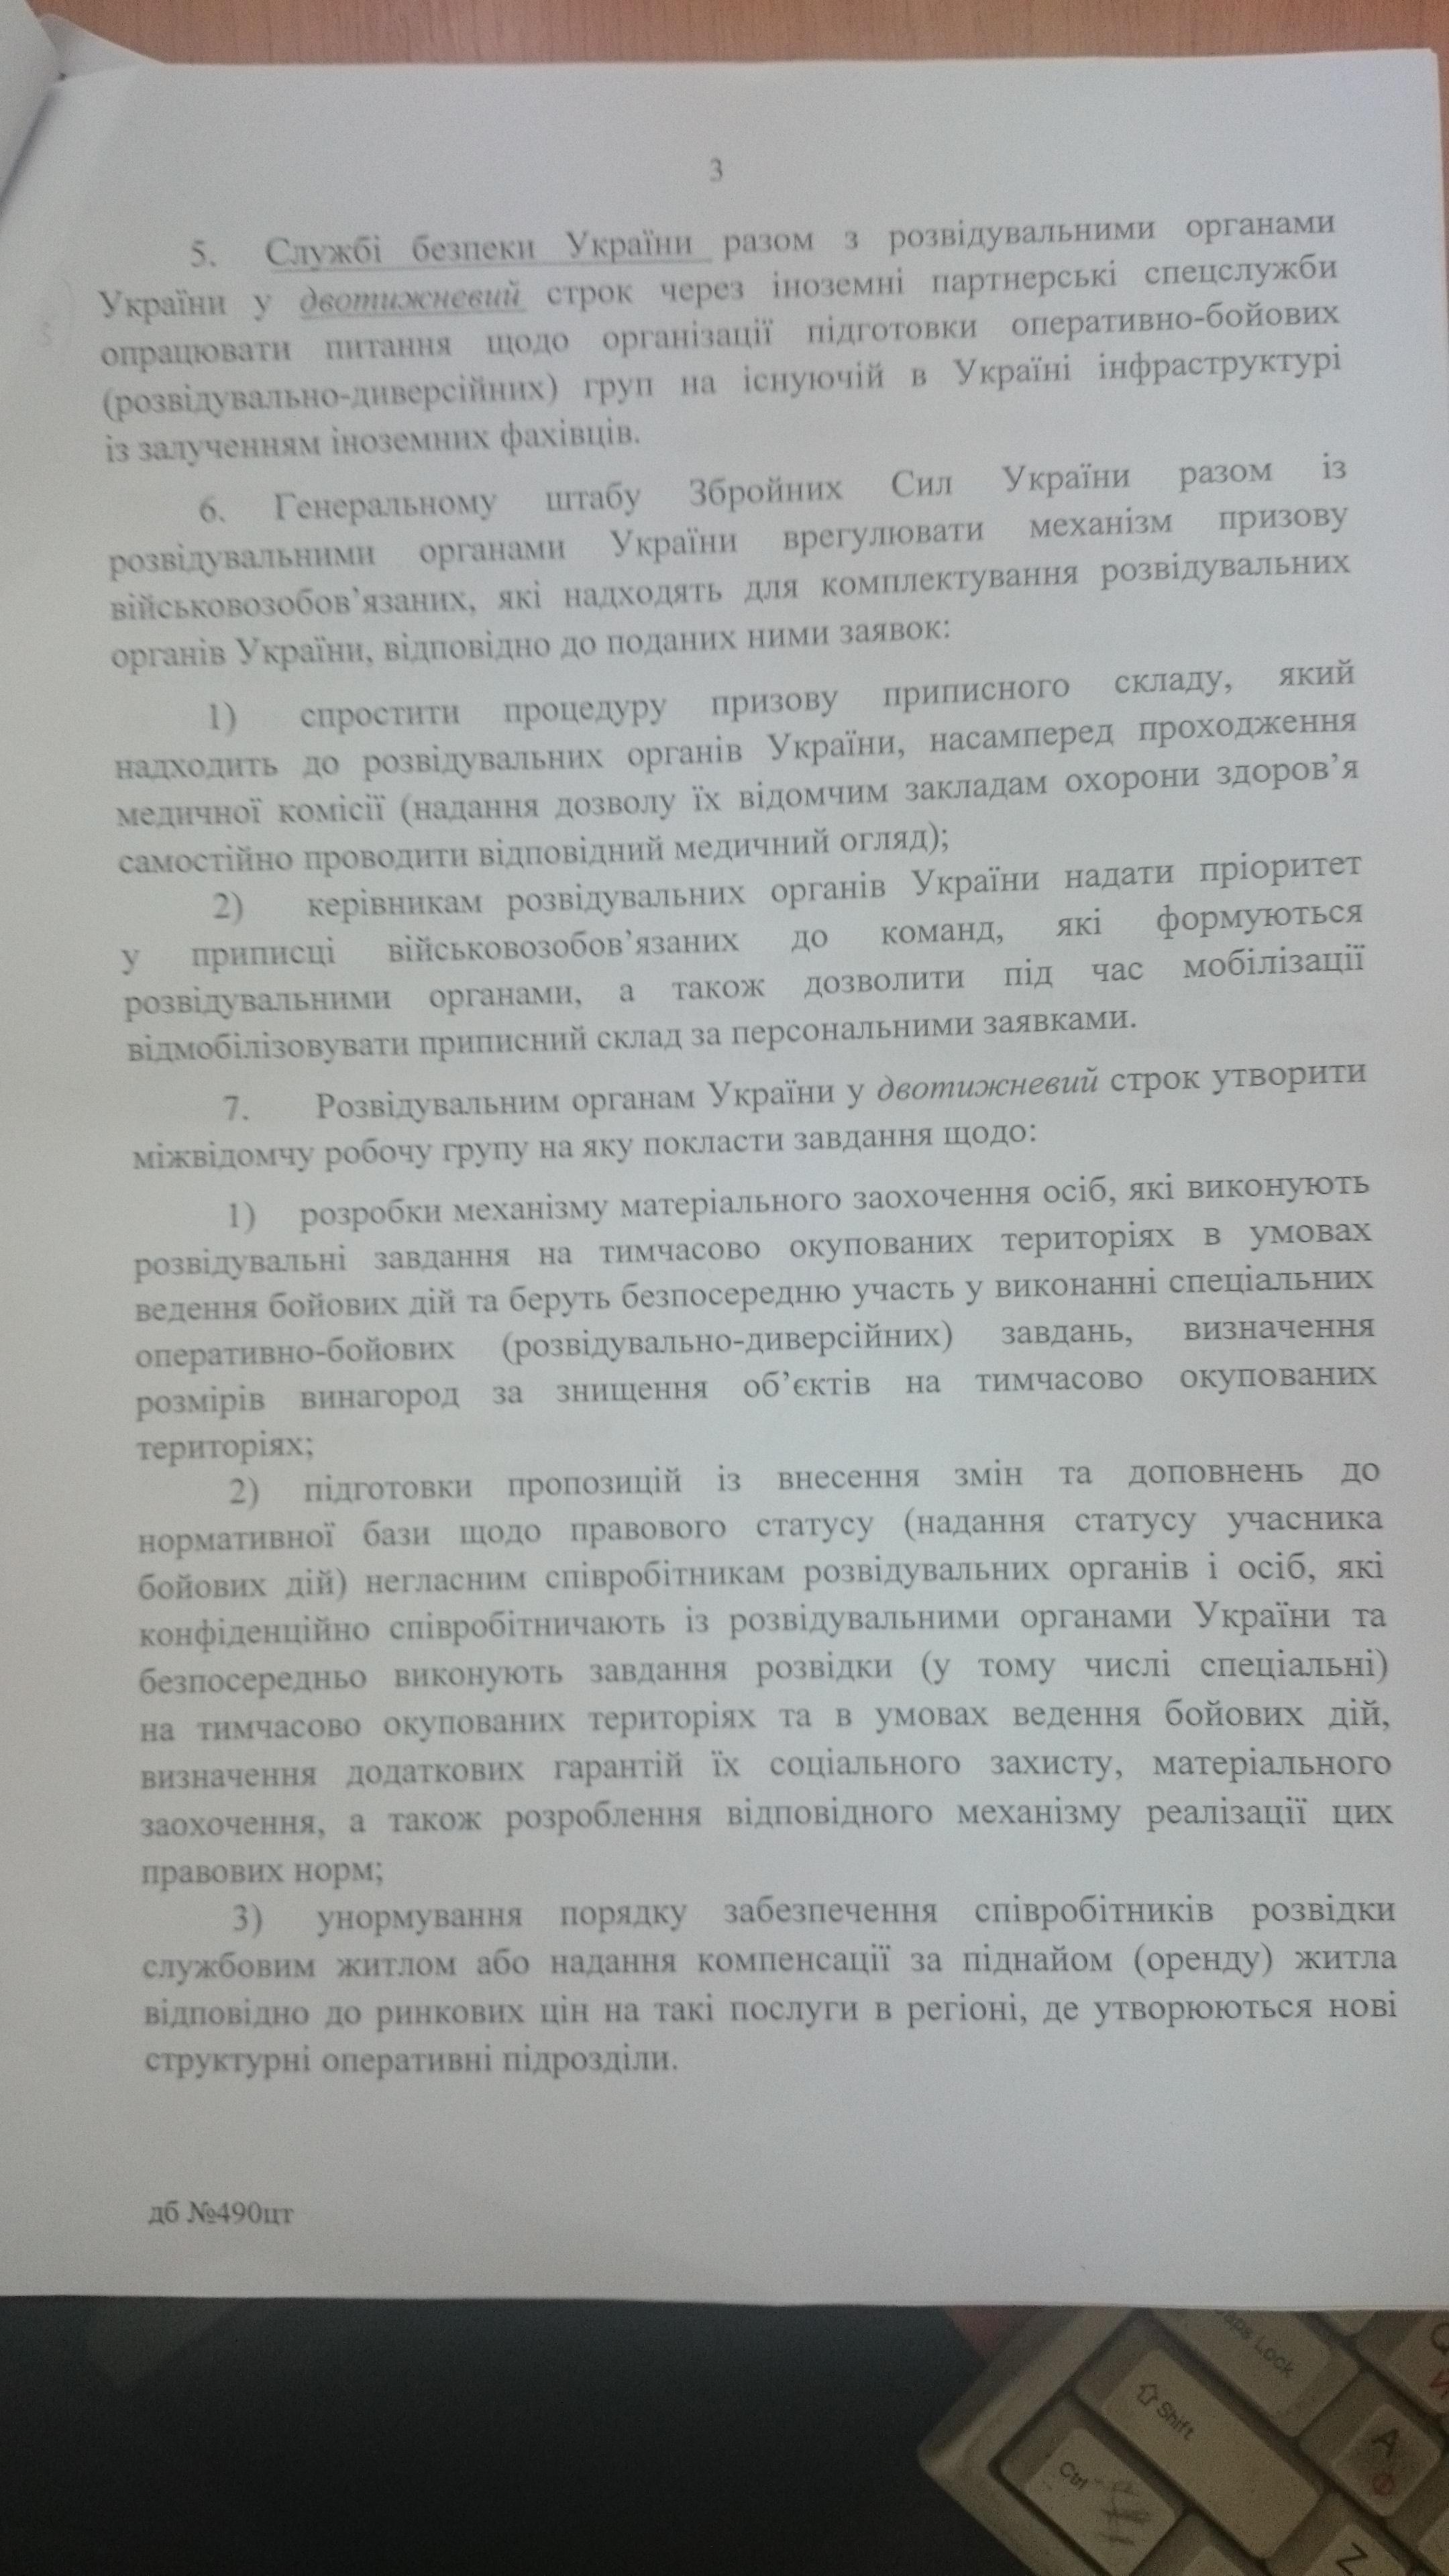 Décision du comité mixte de renseignement sous l'égide du Président ukrainien en date du 21 avril 2015 (Page 3)